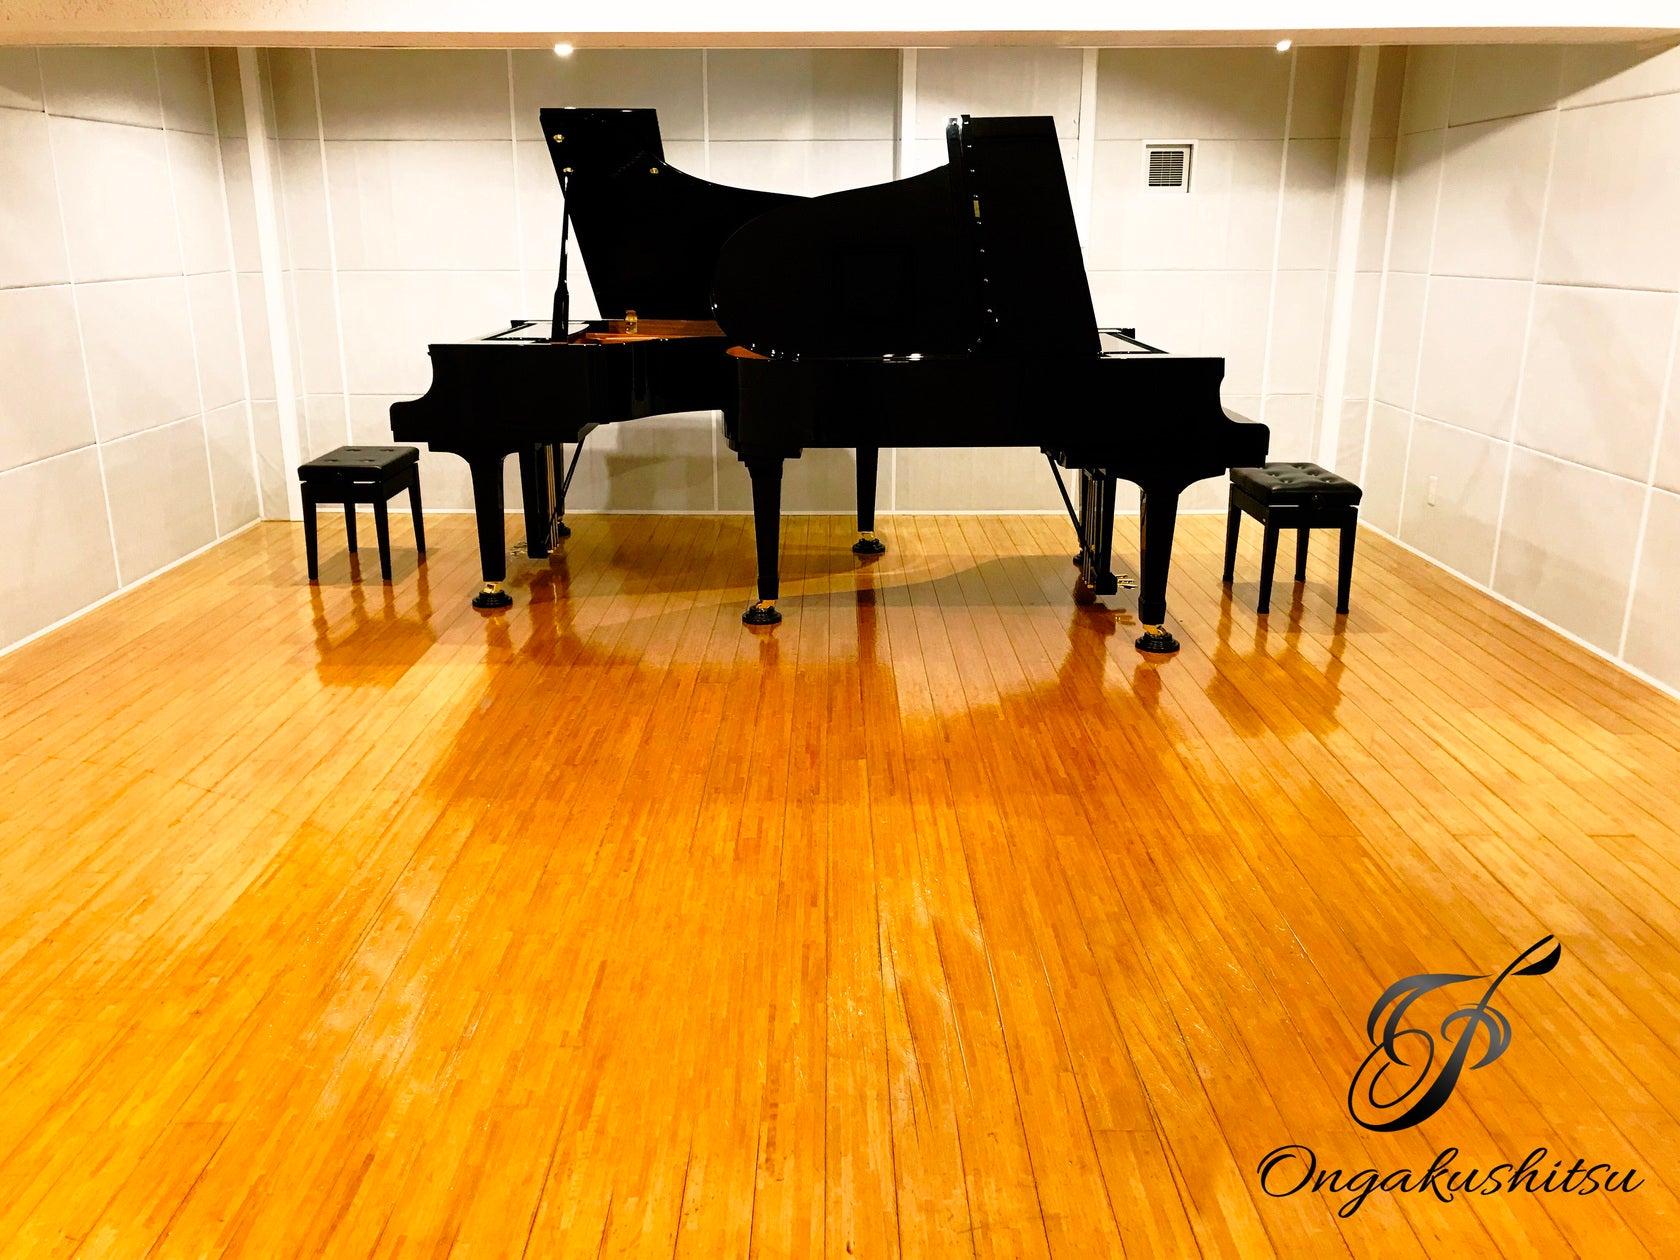 グランドピアノ2台常設!!ピアノスタジオ♫撮影やピアノの練習、小規模コンサートなどに♫ の写真